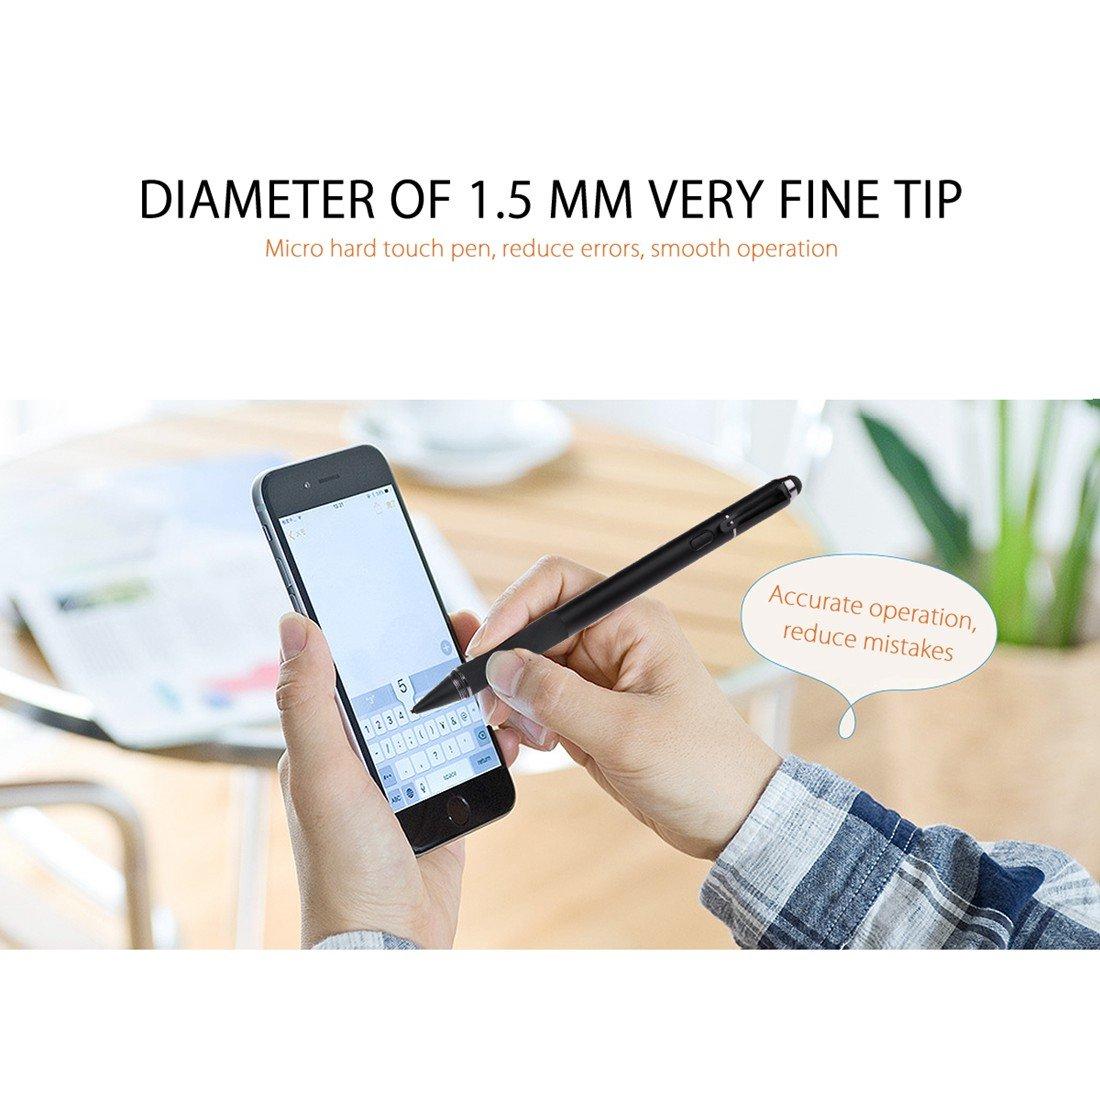 Stylus Precisi/ón Detecci/ón Activa Wrcibo Pluma Capacitiva Compatible con Todos los Dispositivos para iPhone iPad Samsung Huawei Lenovo etc Metal Extremidad de la Pluma